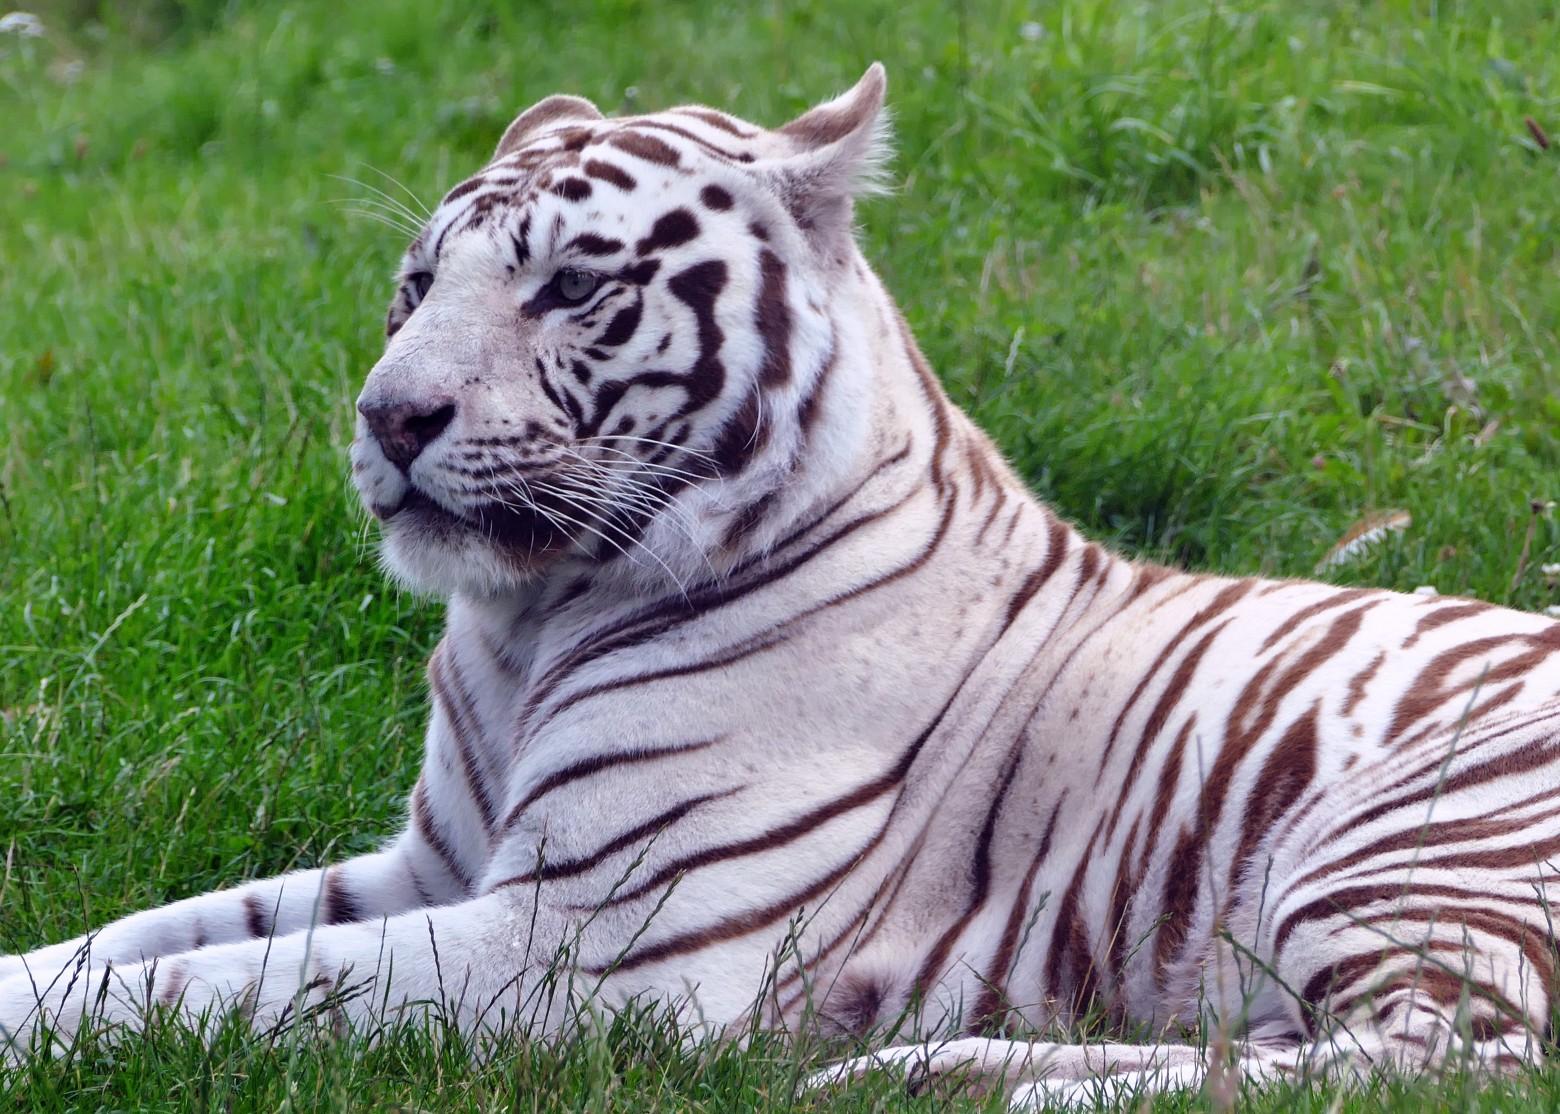 Le tigre blanc images gratuites et libres de droits - Image animaux gratuite ...